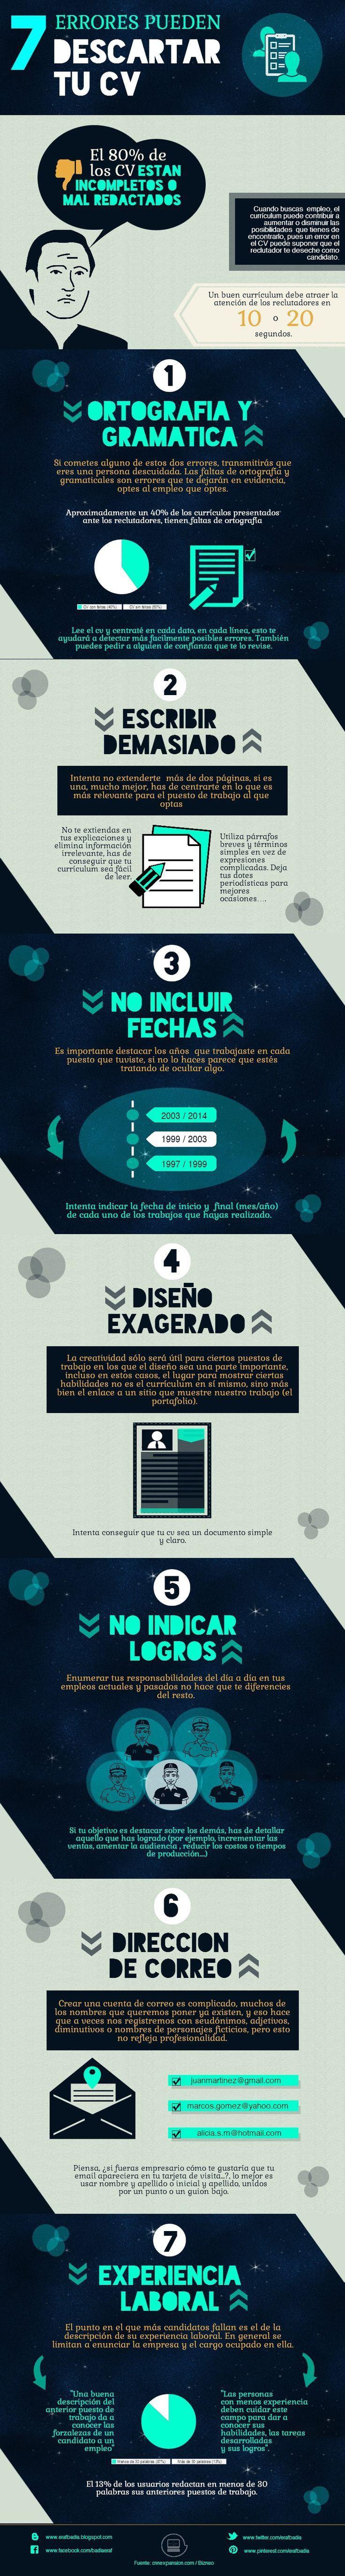 7 errores que pueden descartar tu Curriculum #infografia #infographic #empleo